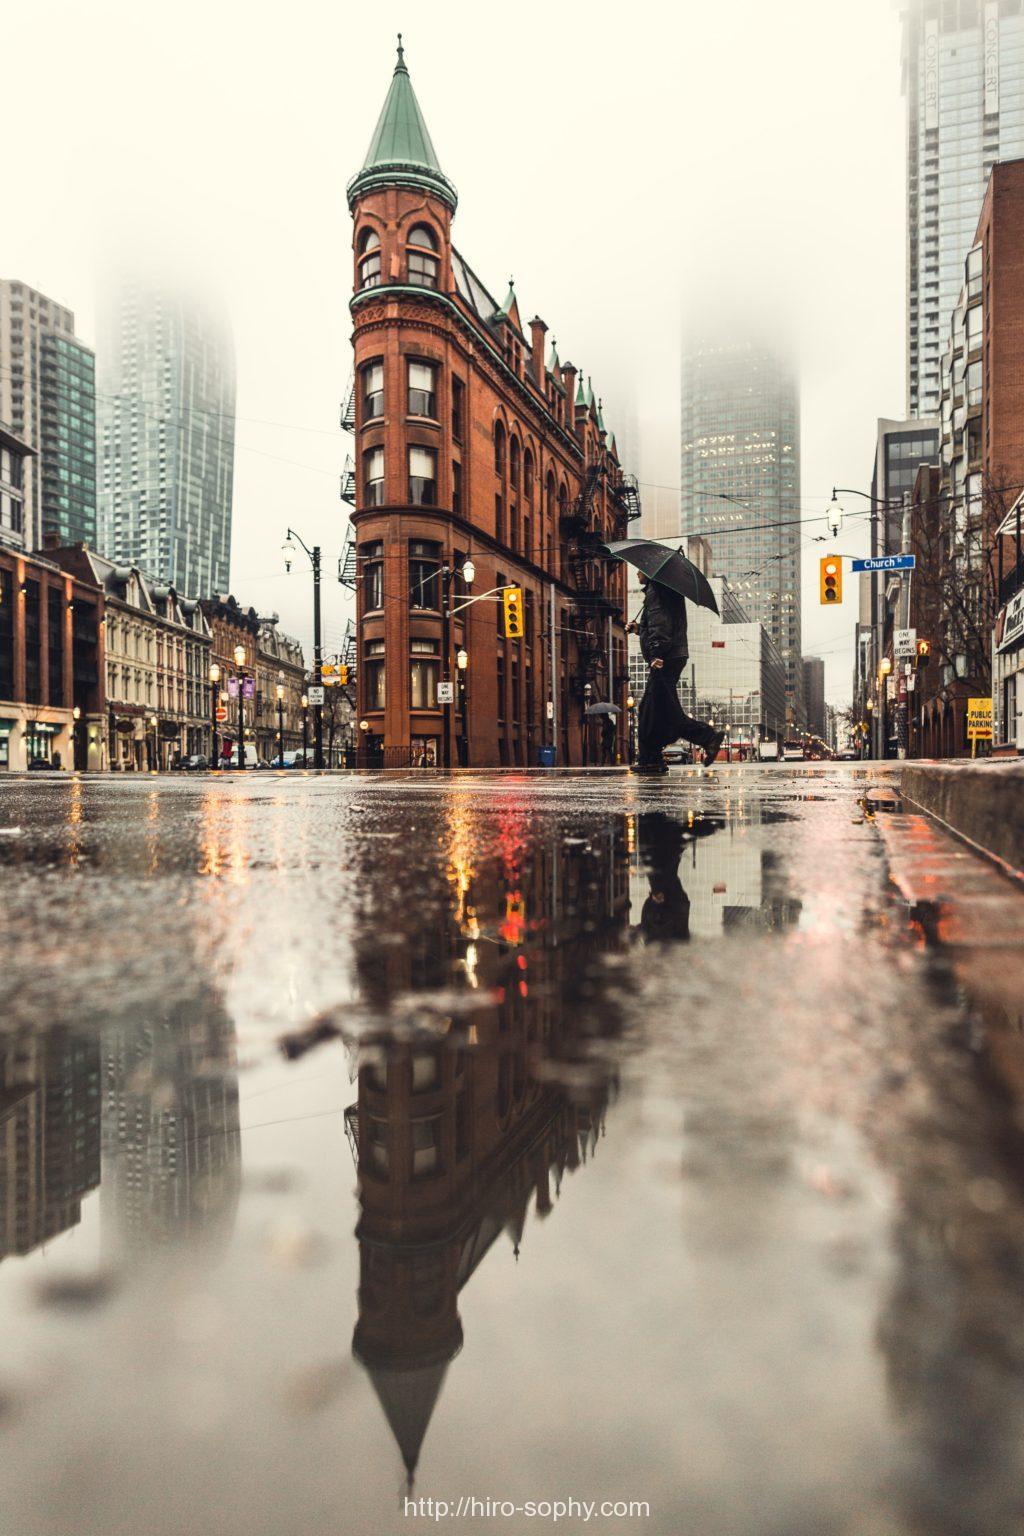 雨の中を歩くビジネスマン